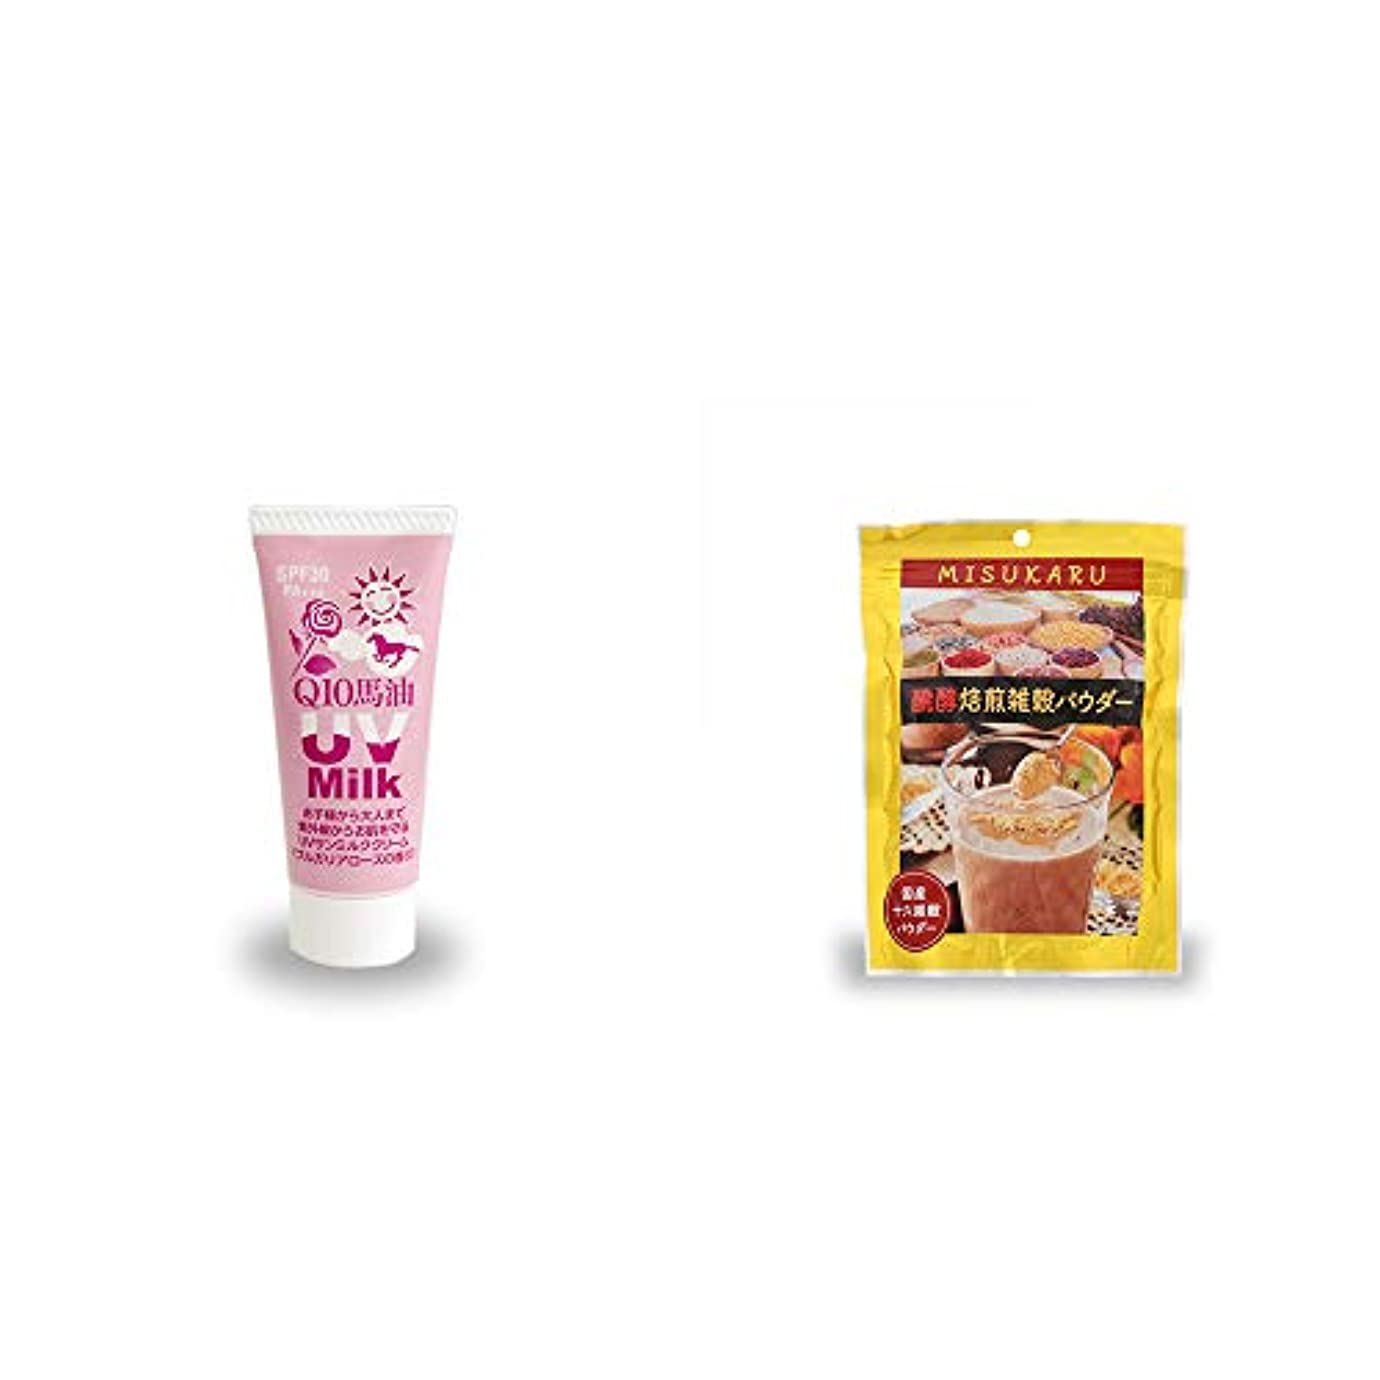 渦鉛筆メダリスト[2点セット] 炭黒泉 Q10馬油 UVサンミルク[ブルガリアローズ](40g)?醗酵焙煎雑穀パウダー MISUKARU(ミスカル)(200g)